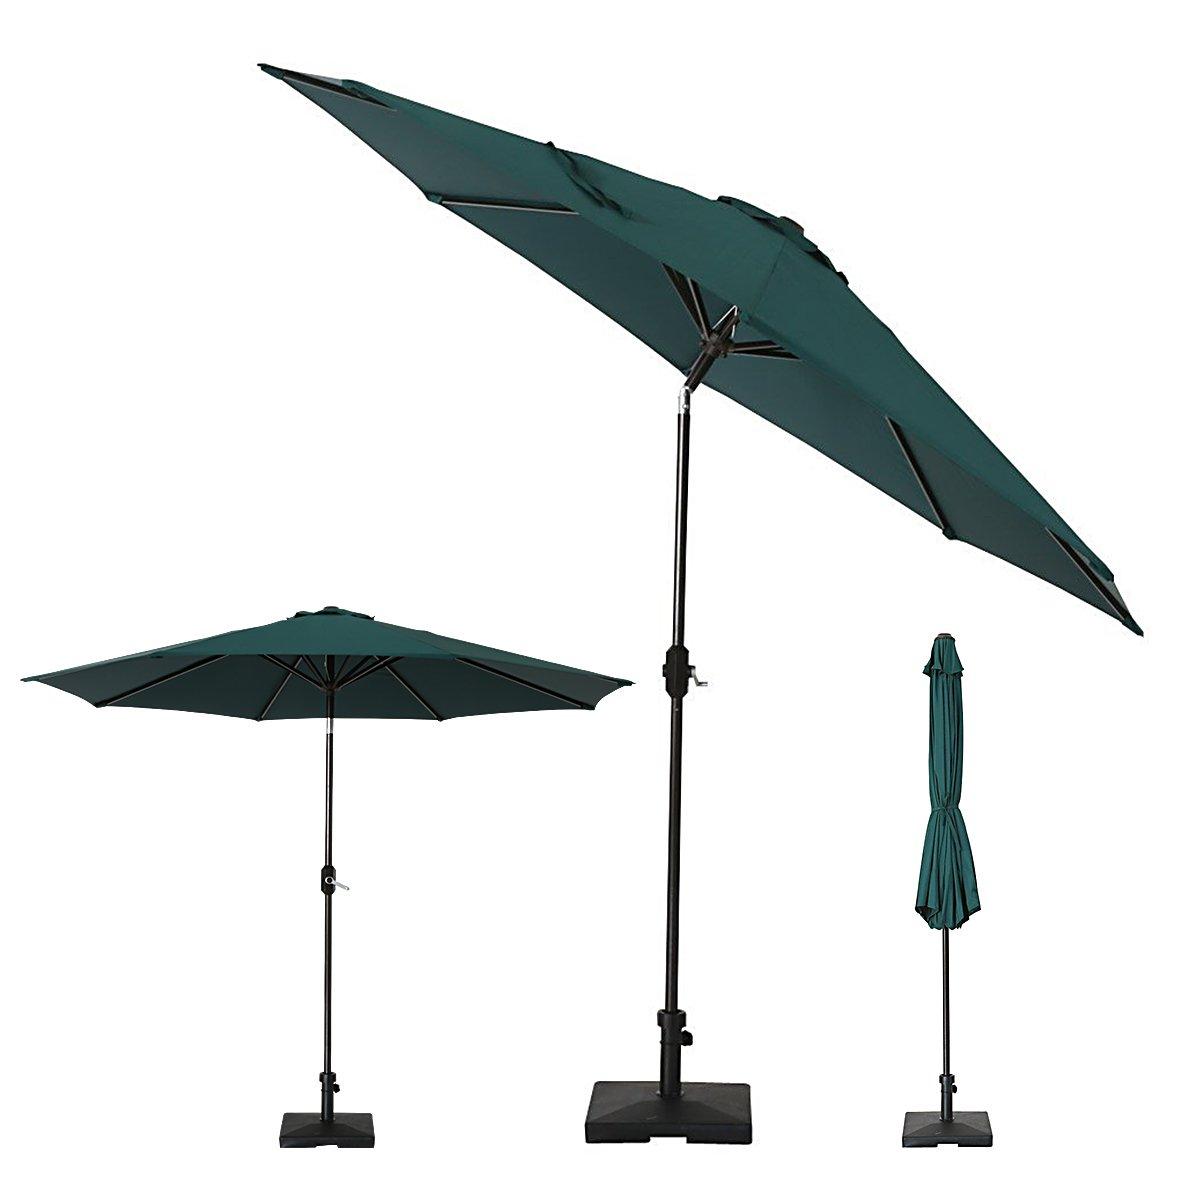 SUMBEL Outdoor Umbrella 9 Feet Aluminum Market Umbrella Table Umbrella with Push Button Tilt for Patio, Garden, Deck, Backyard, Pool, 100% Polyester, Green